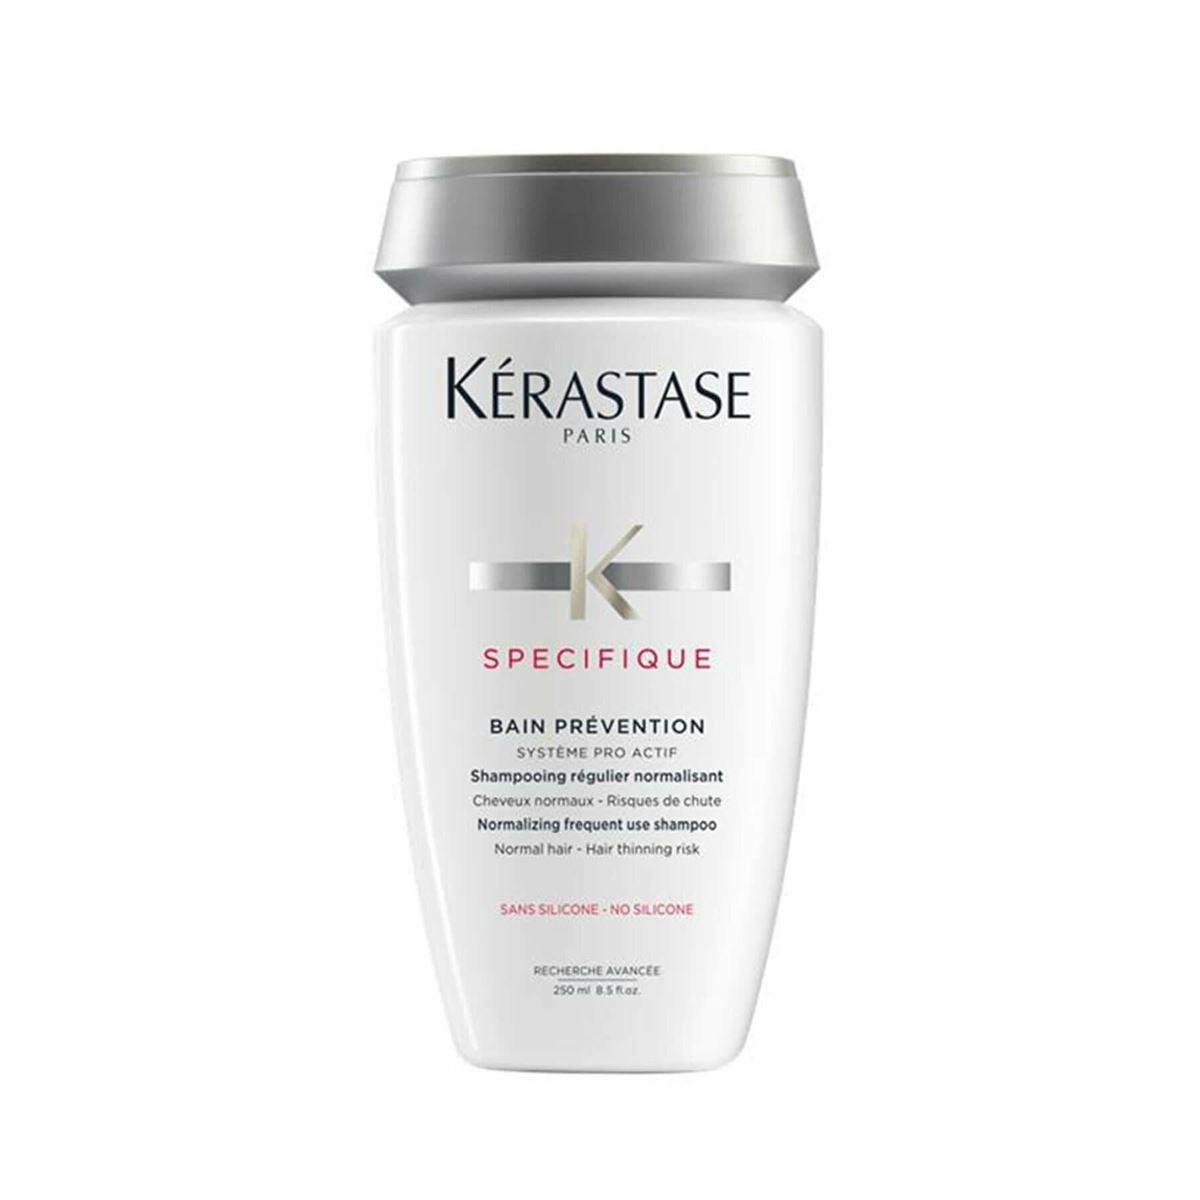 Kerastase Specifique Bain Prevention Dökülme Önleyici Şampuan 250 ml